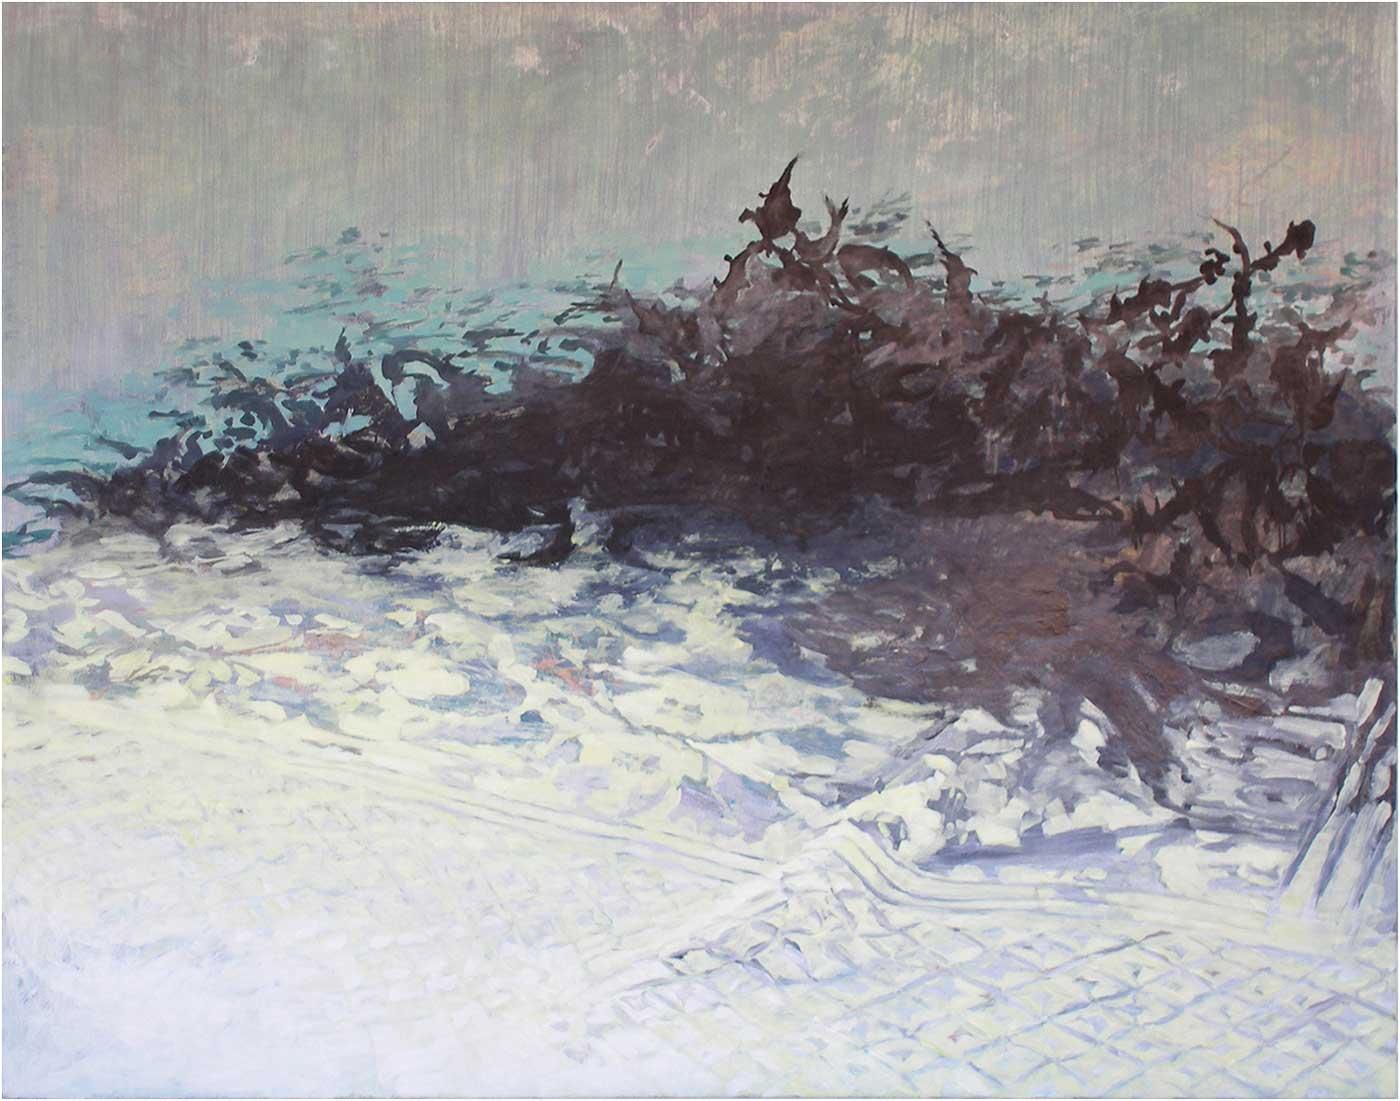 Arabeske 50, 120 x 155 cm, Öl/Lwd, 2014